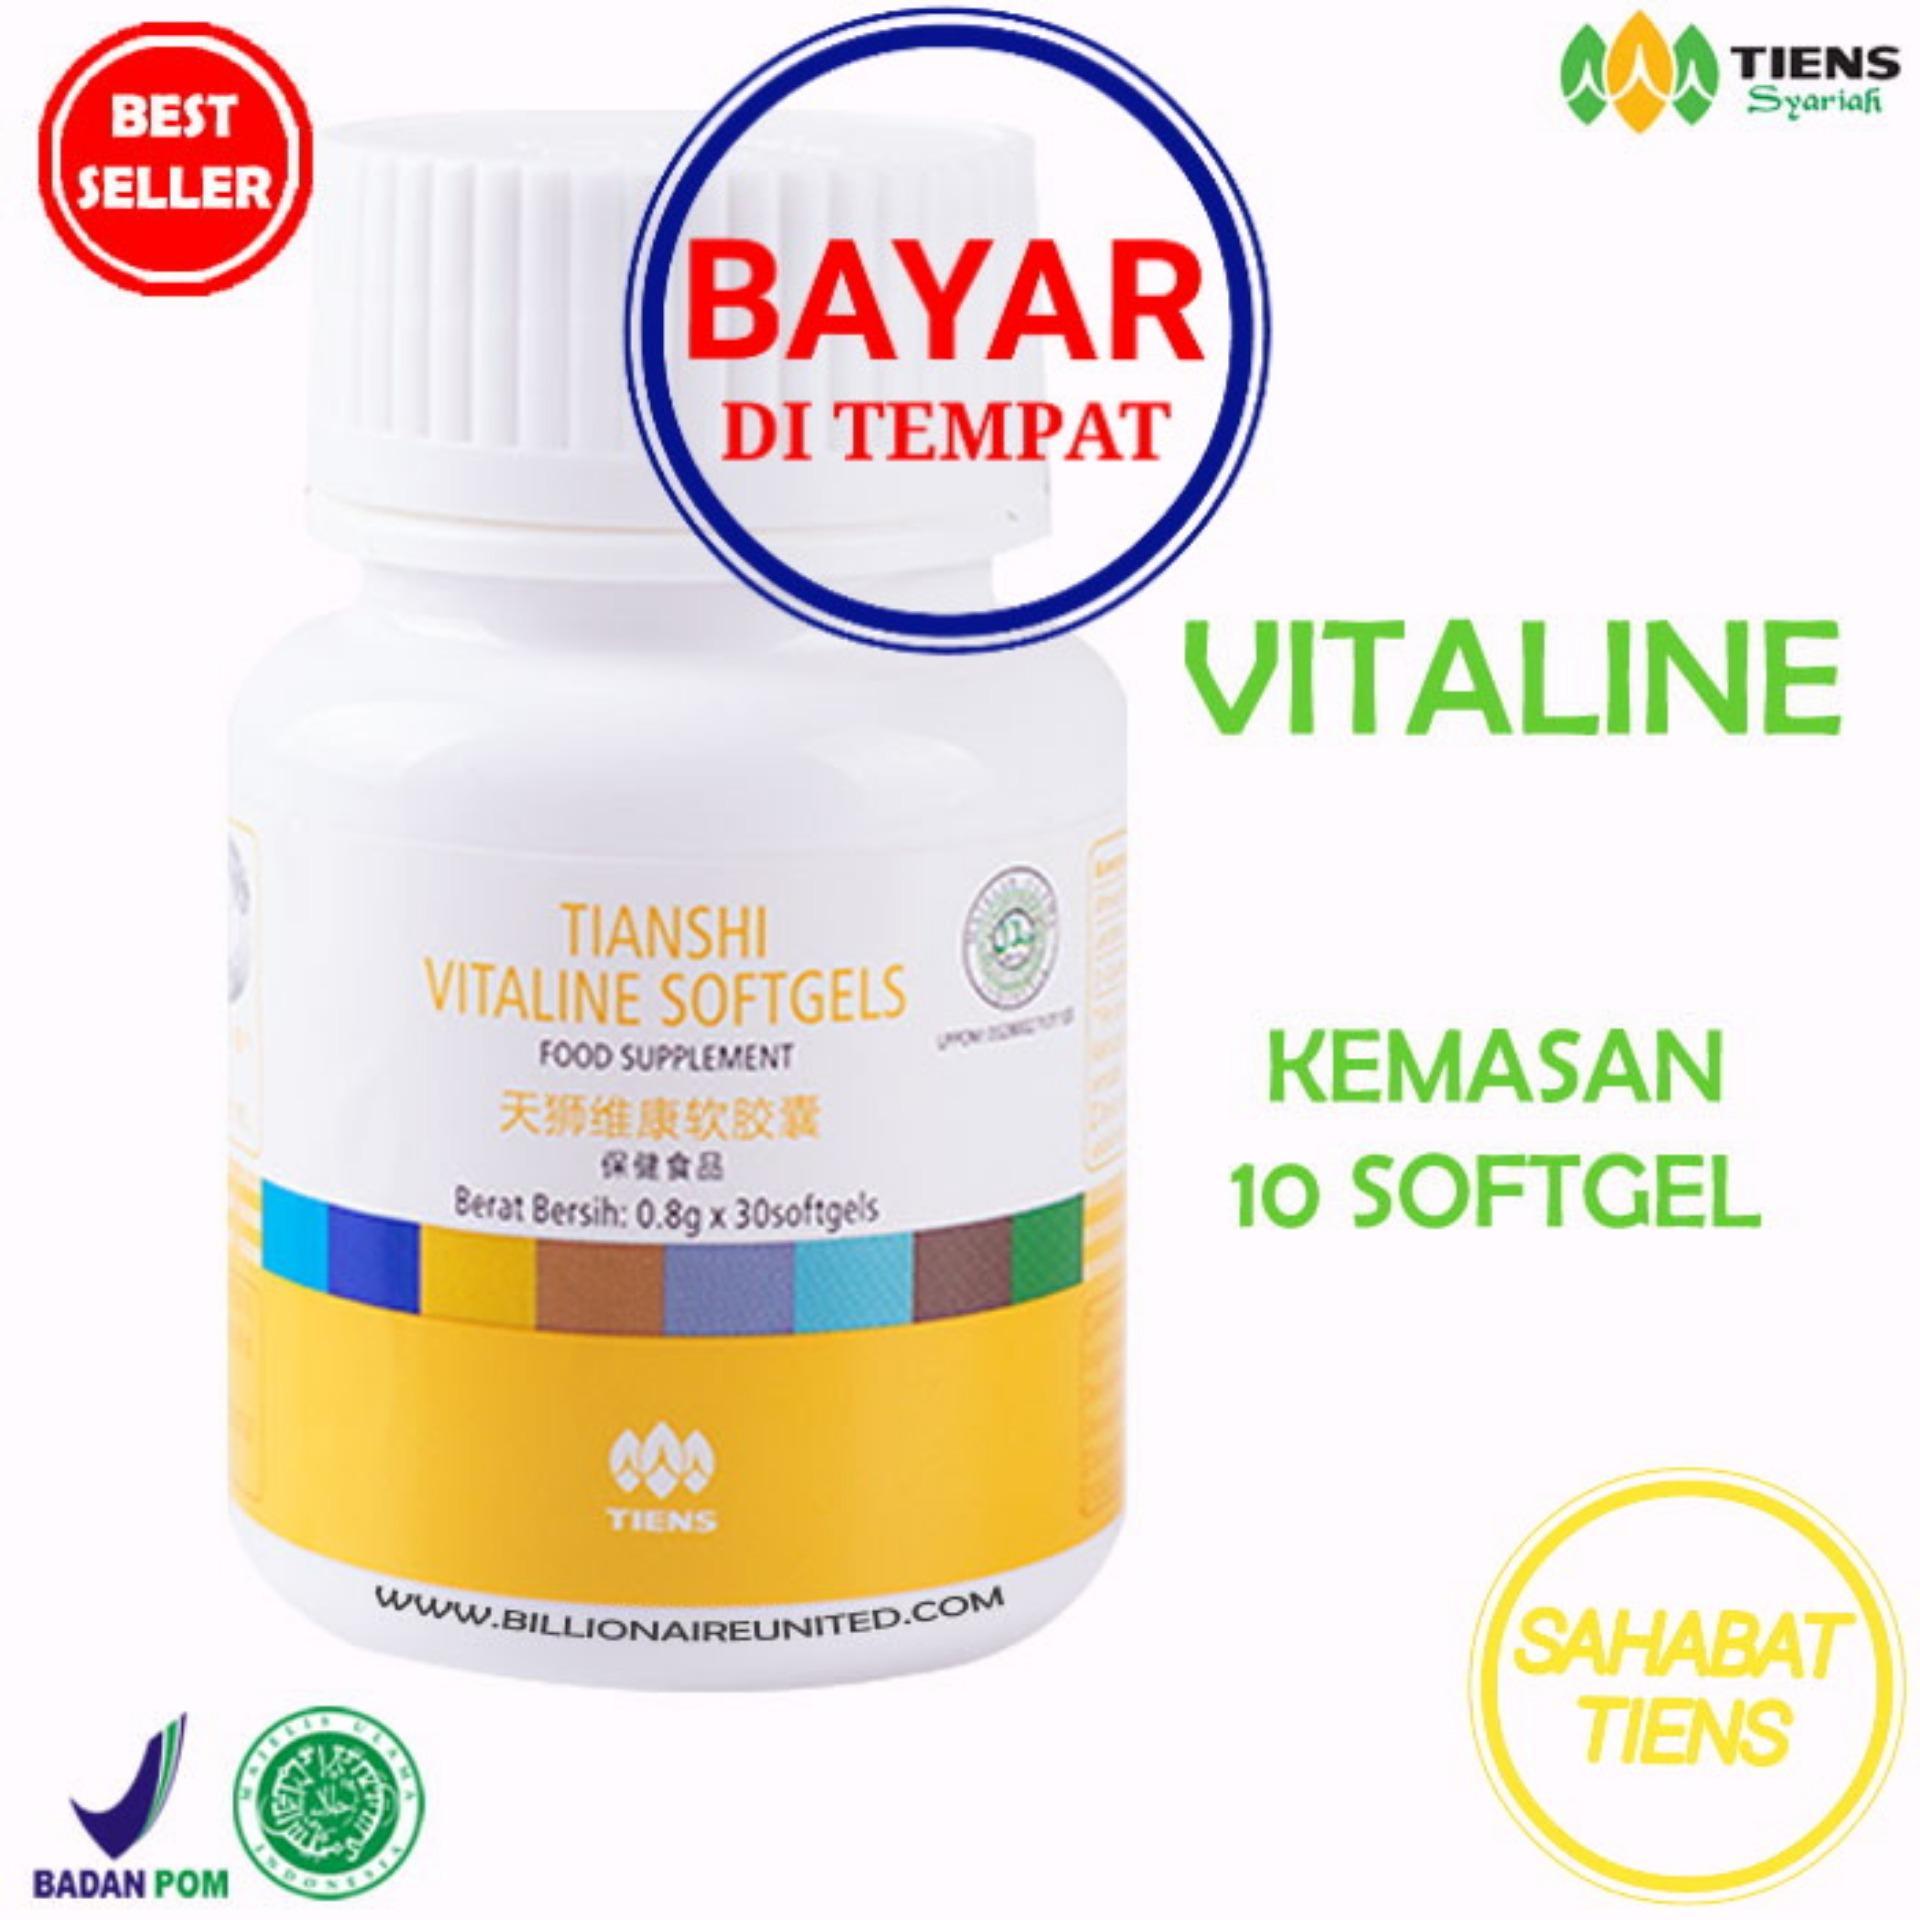 Tiens Vitaline Herbal Vitamin E Pembersih Jerawat Flek 10 Kapsul Murah